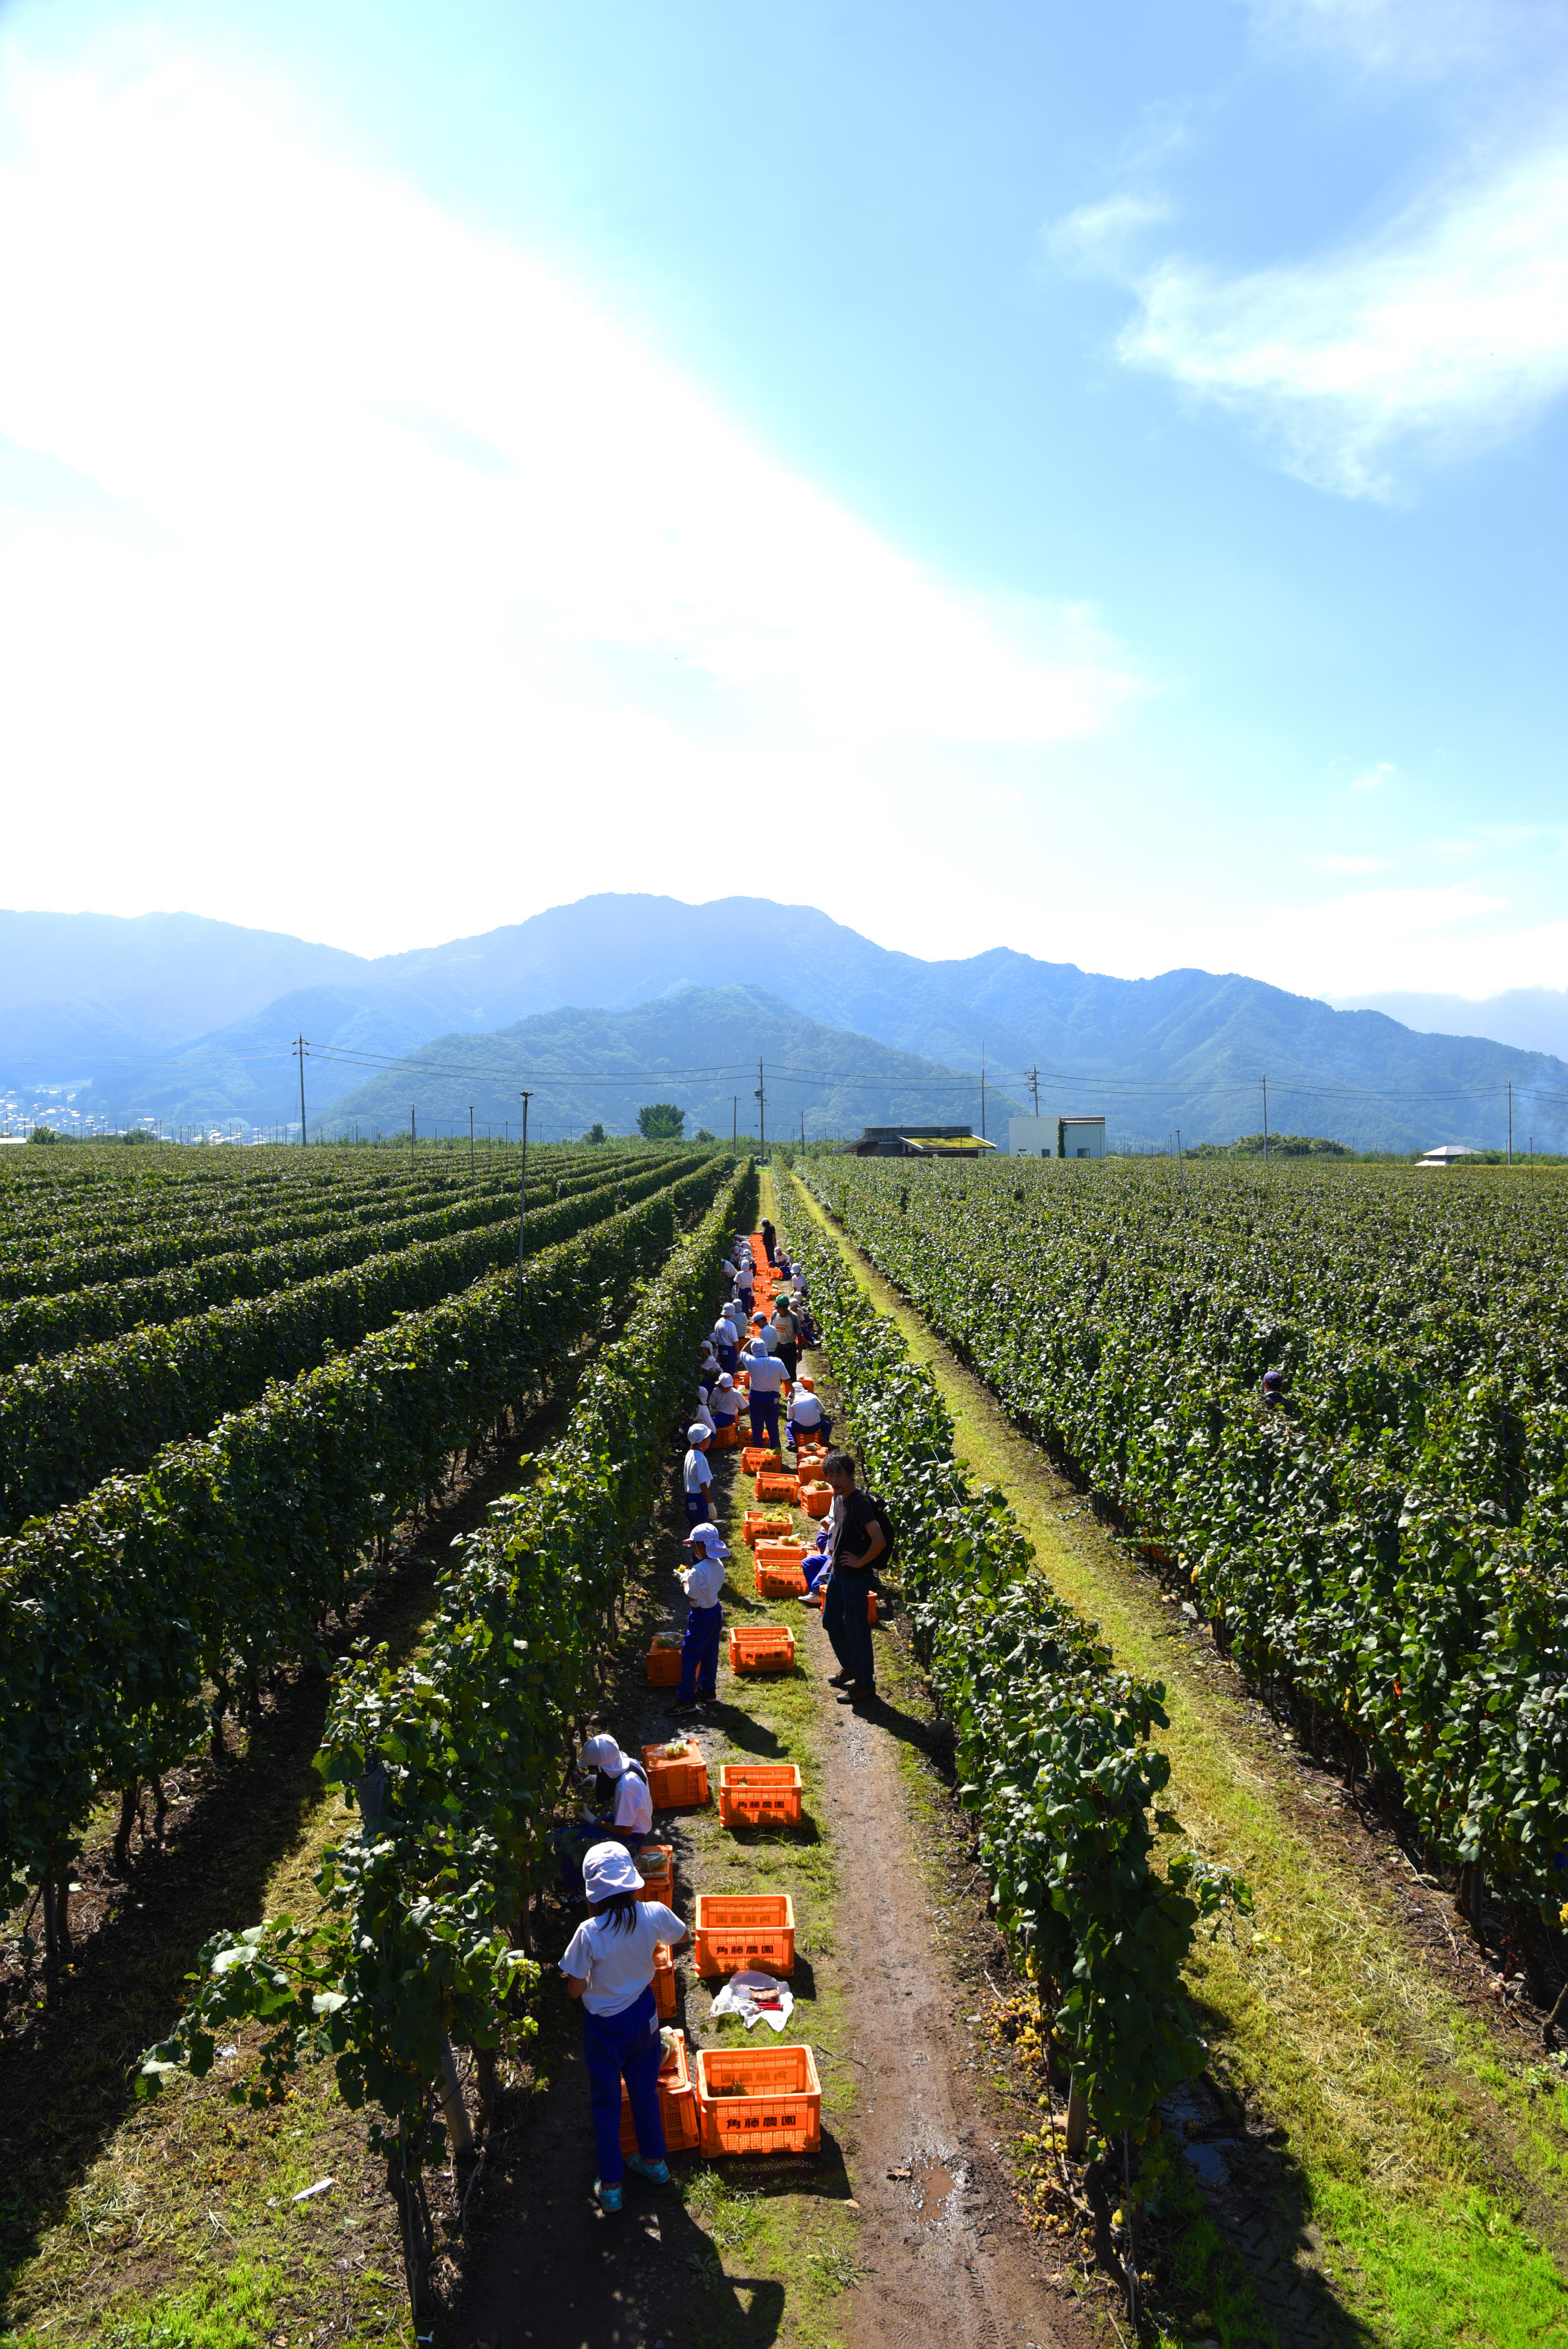 高山村のワイン畑と子供達